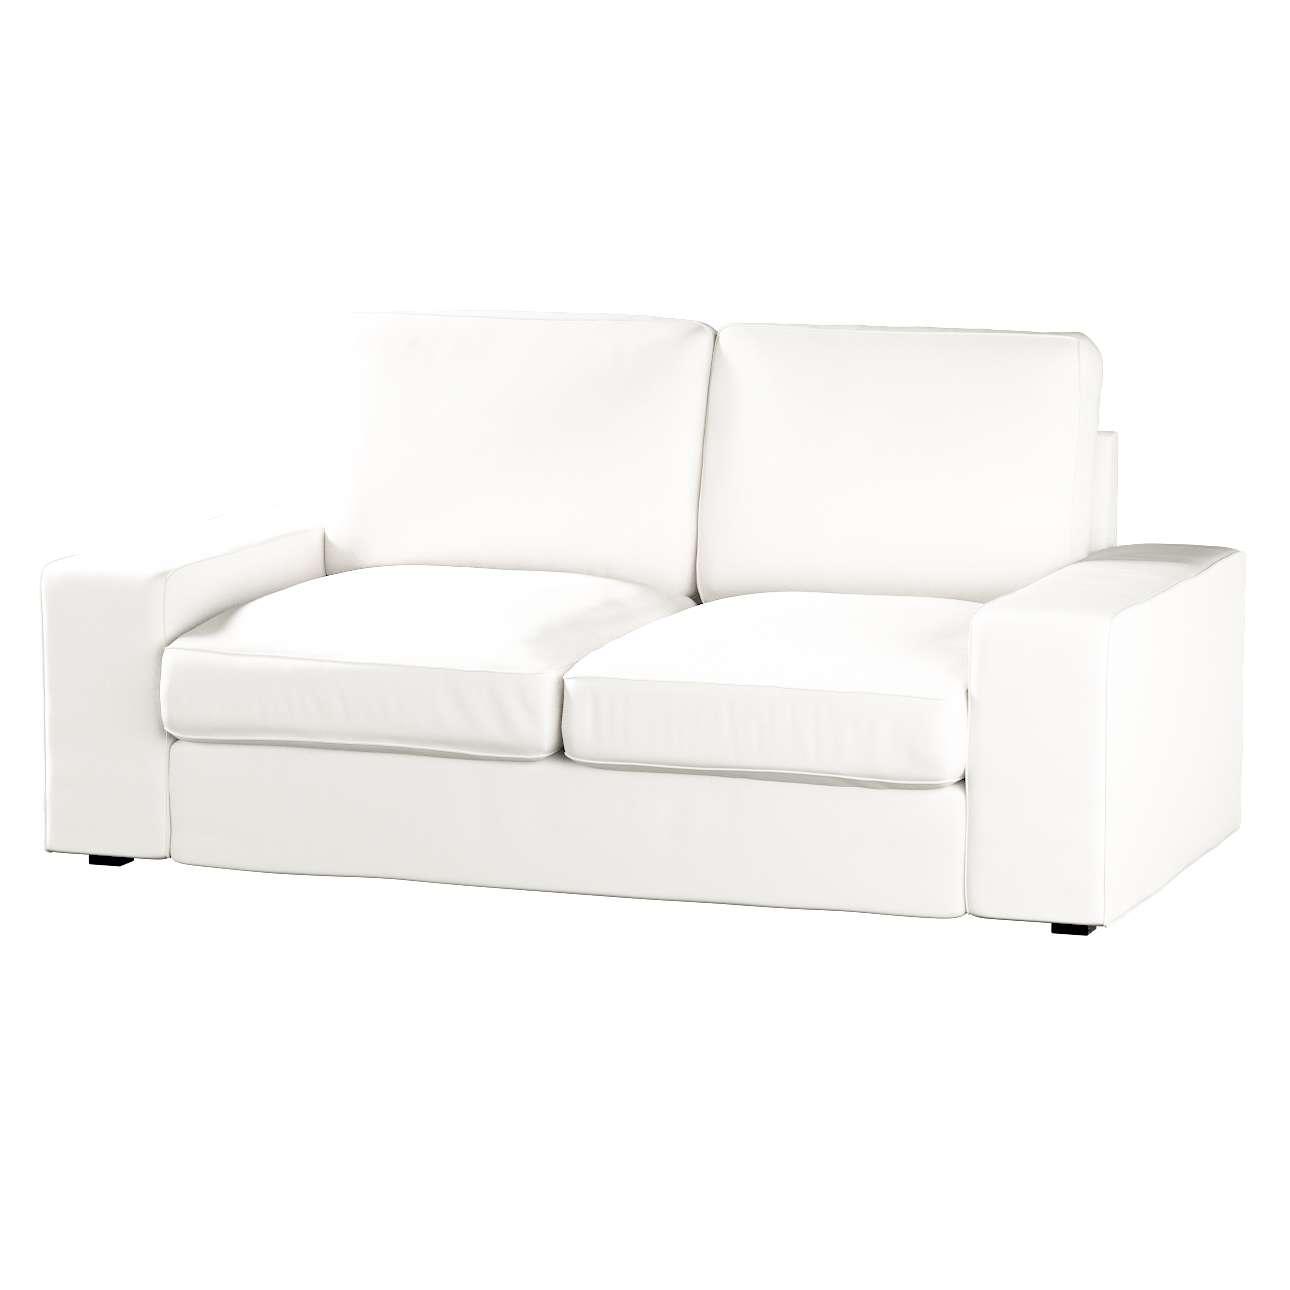 KIVIK dvivietės sofos užvalkalas Kivik 2-seat sofa kolekcijoje Cotton Panama, audinys: 702-34